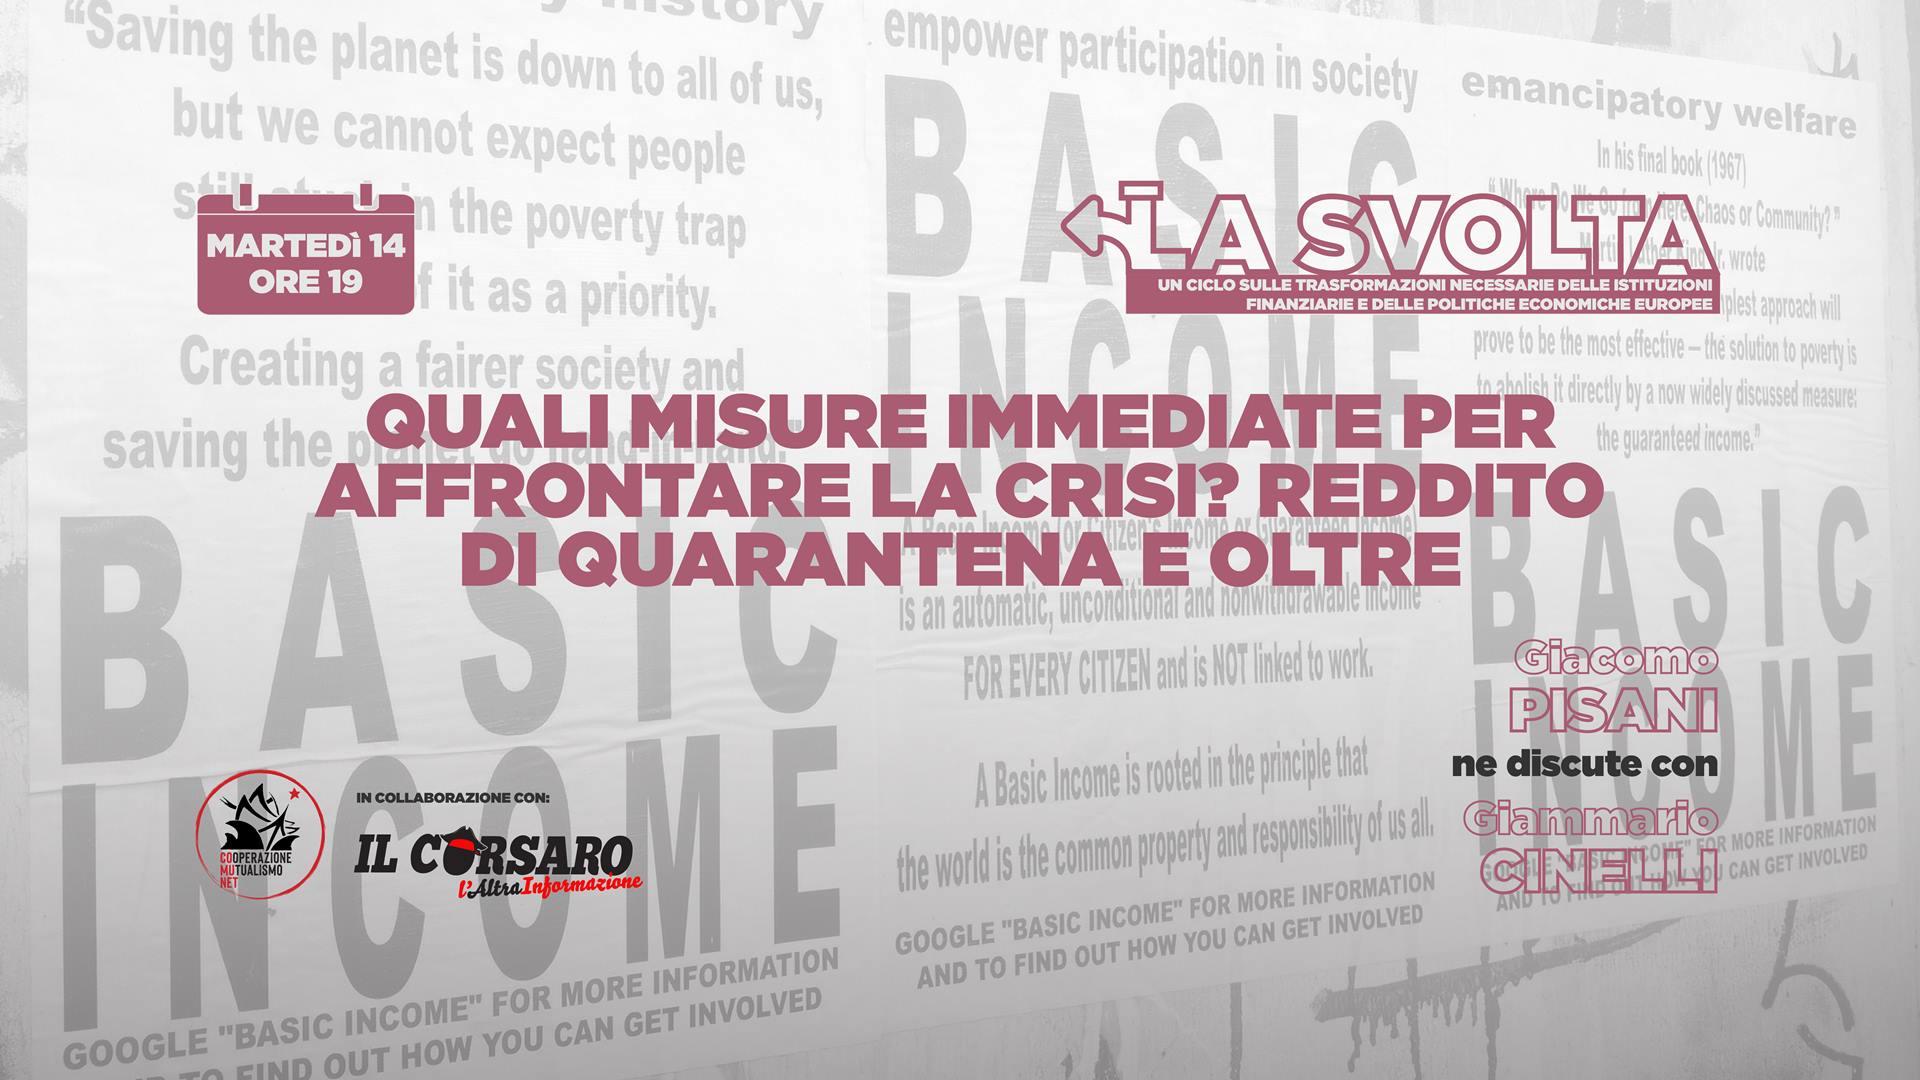 Misure immediate per la crisi: reddito di quarantena e oltre